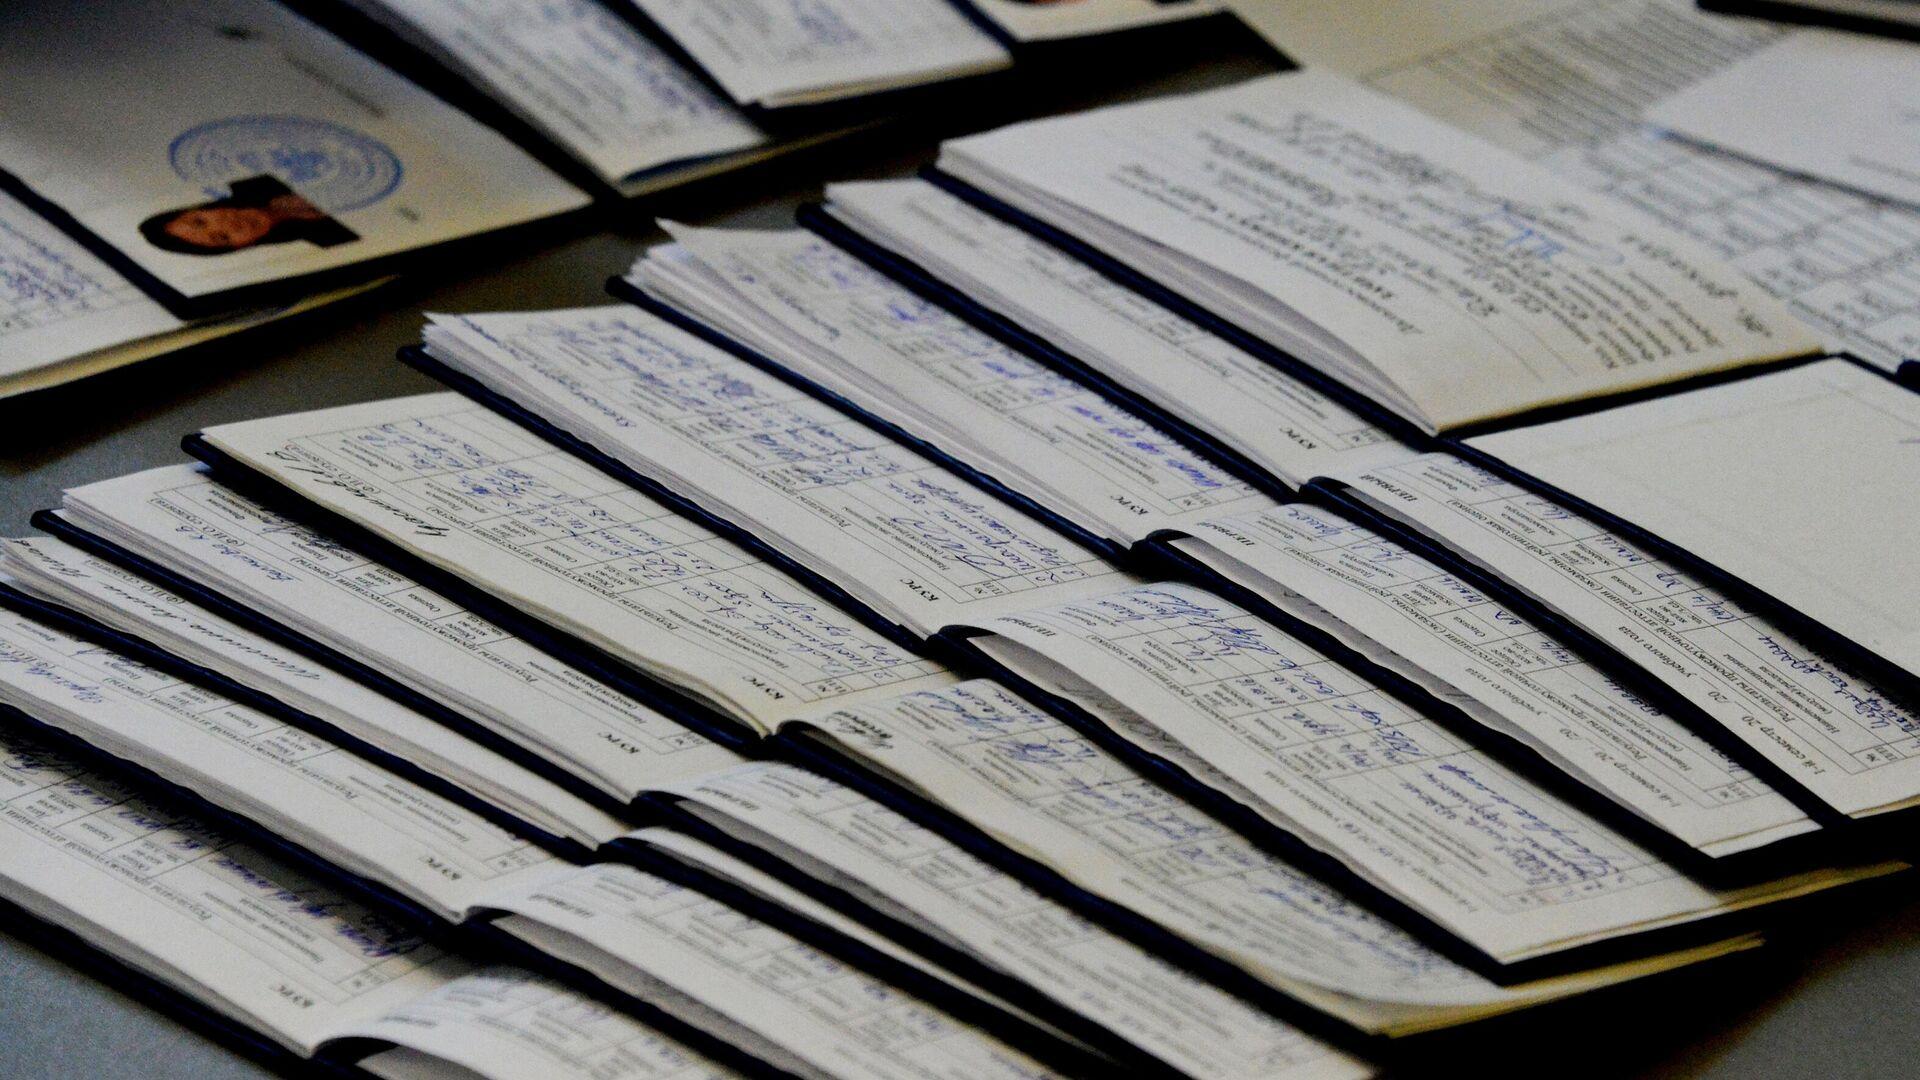 Сдача экзаменов зимней сессии в Дальневосточном федеральном университете - РИА Новости, 1920, 17.11.2020